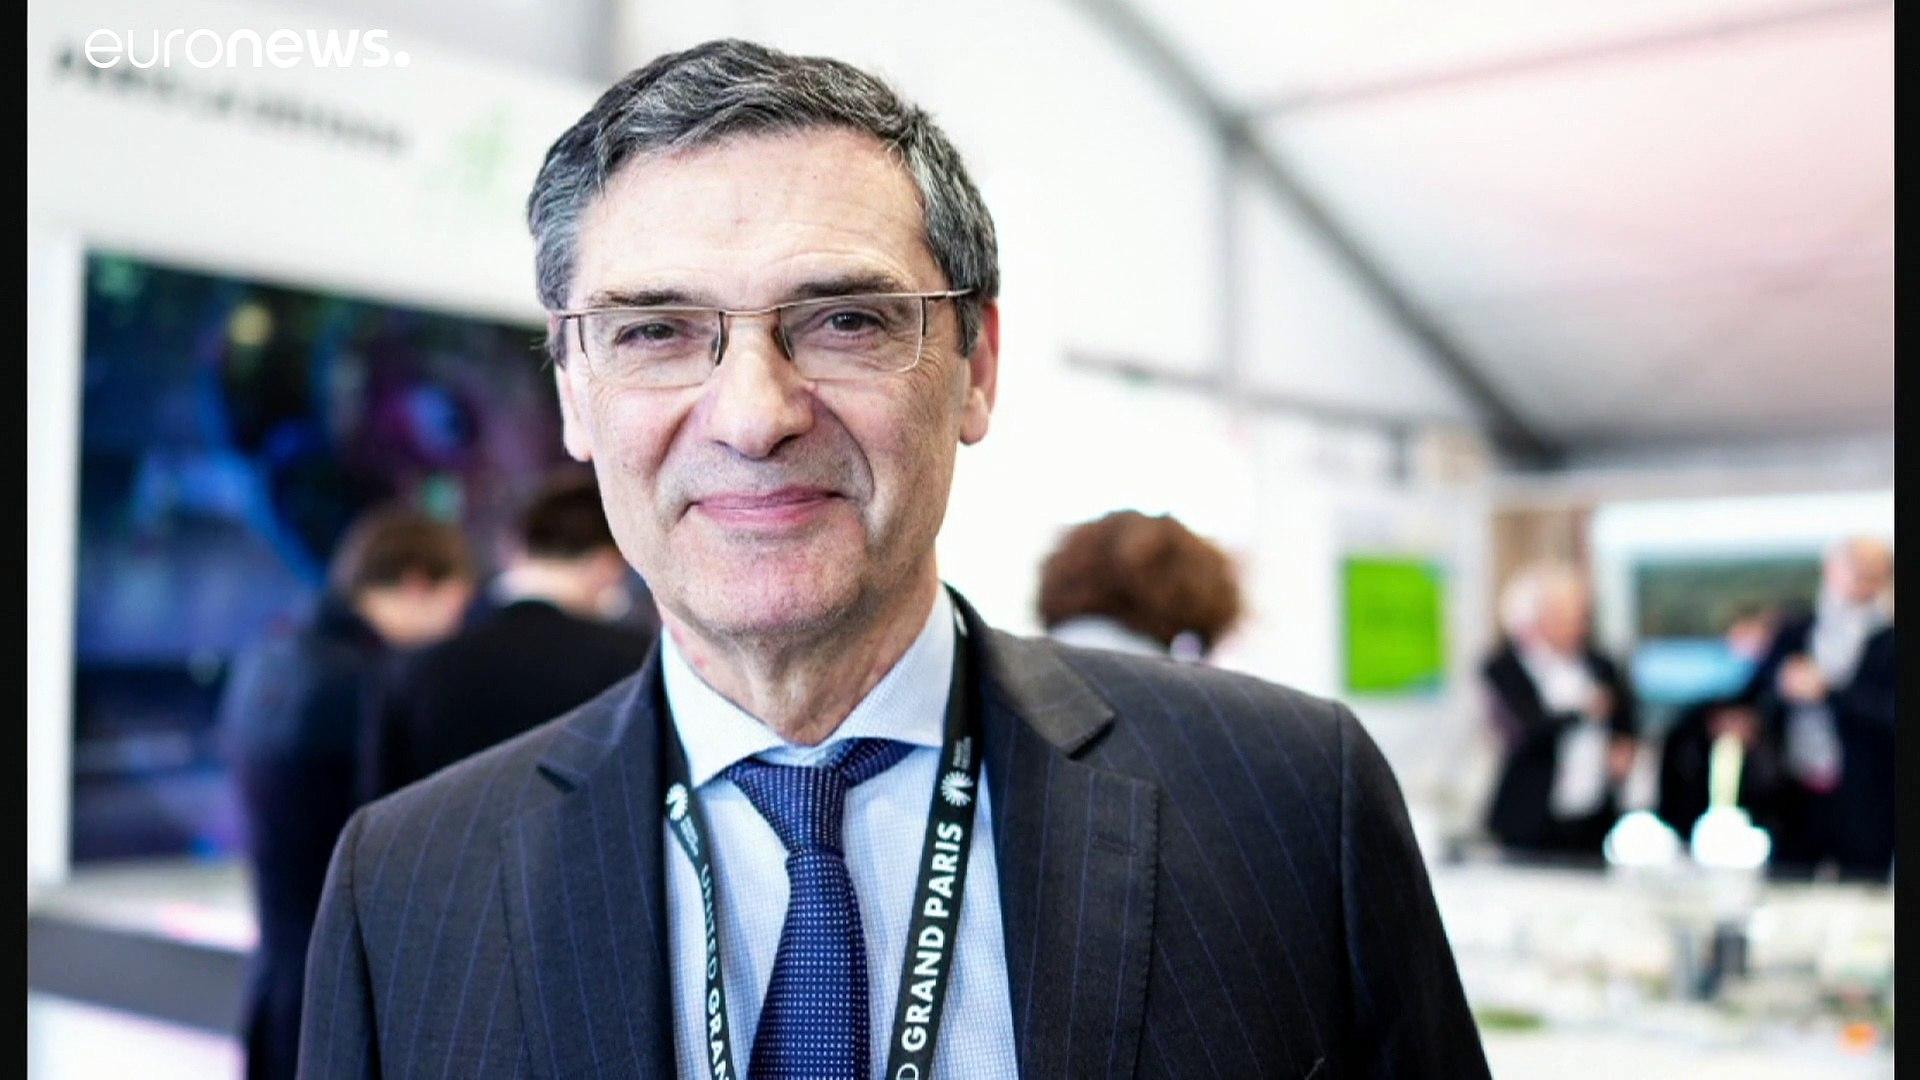 فيروس كورونا يغيّب الوزير الفرنسي المحافظ السابق باتريك ديفيدجيان